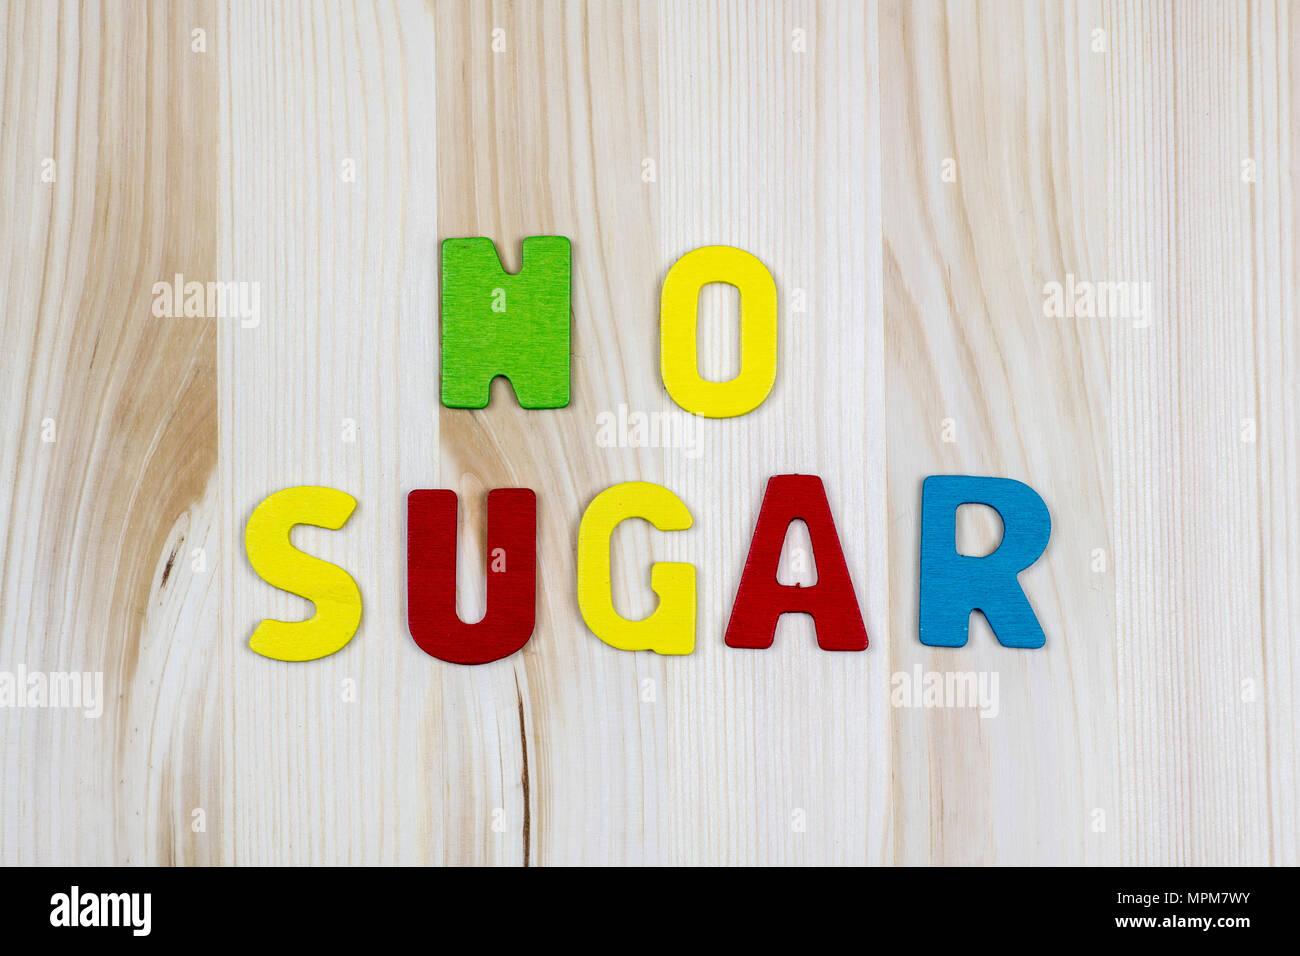 Lettere Di Legno Colorate : Non lo zucchero! wriiten con testo colorato lettere di legno sul